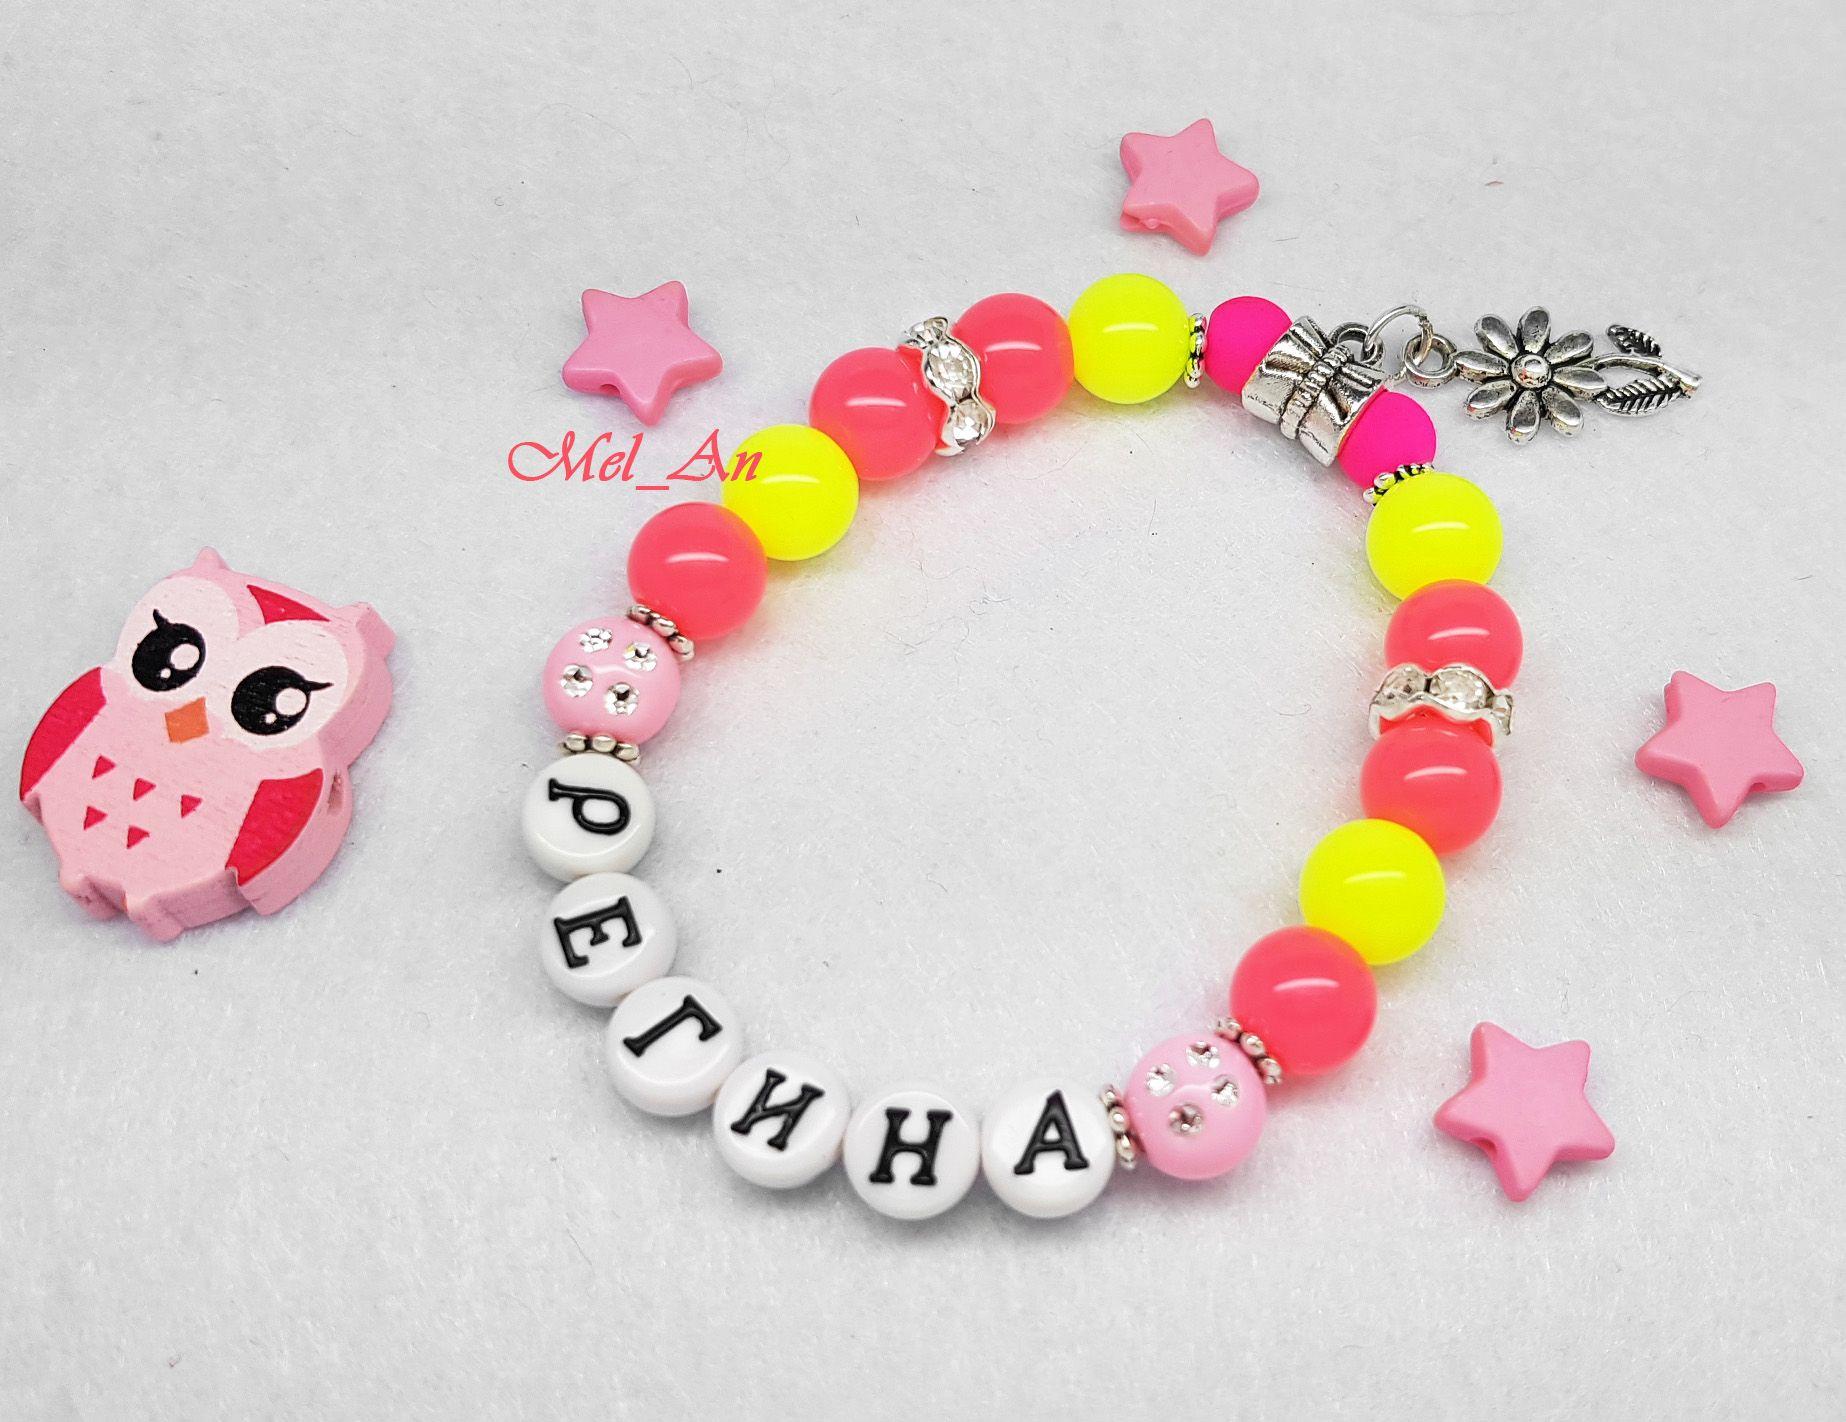 1a2312562 Именные браслеты ручной работы. Заказать браслет в Хабаровске. Детские  браслеты с именем. Значение имени Регина. Именные аксессуары.